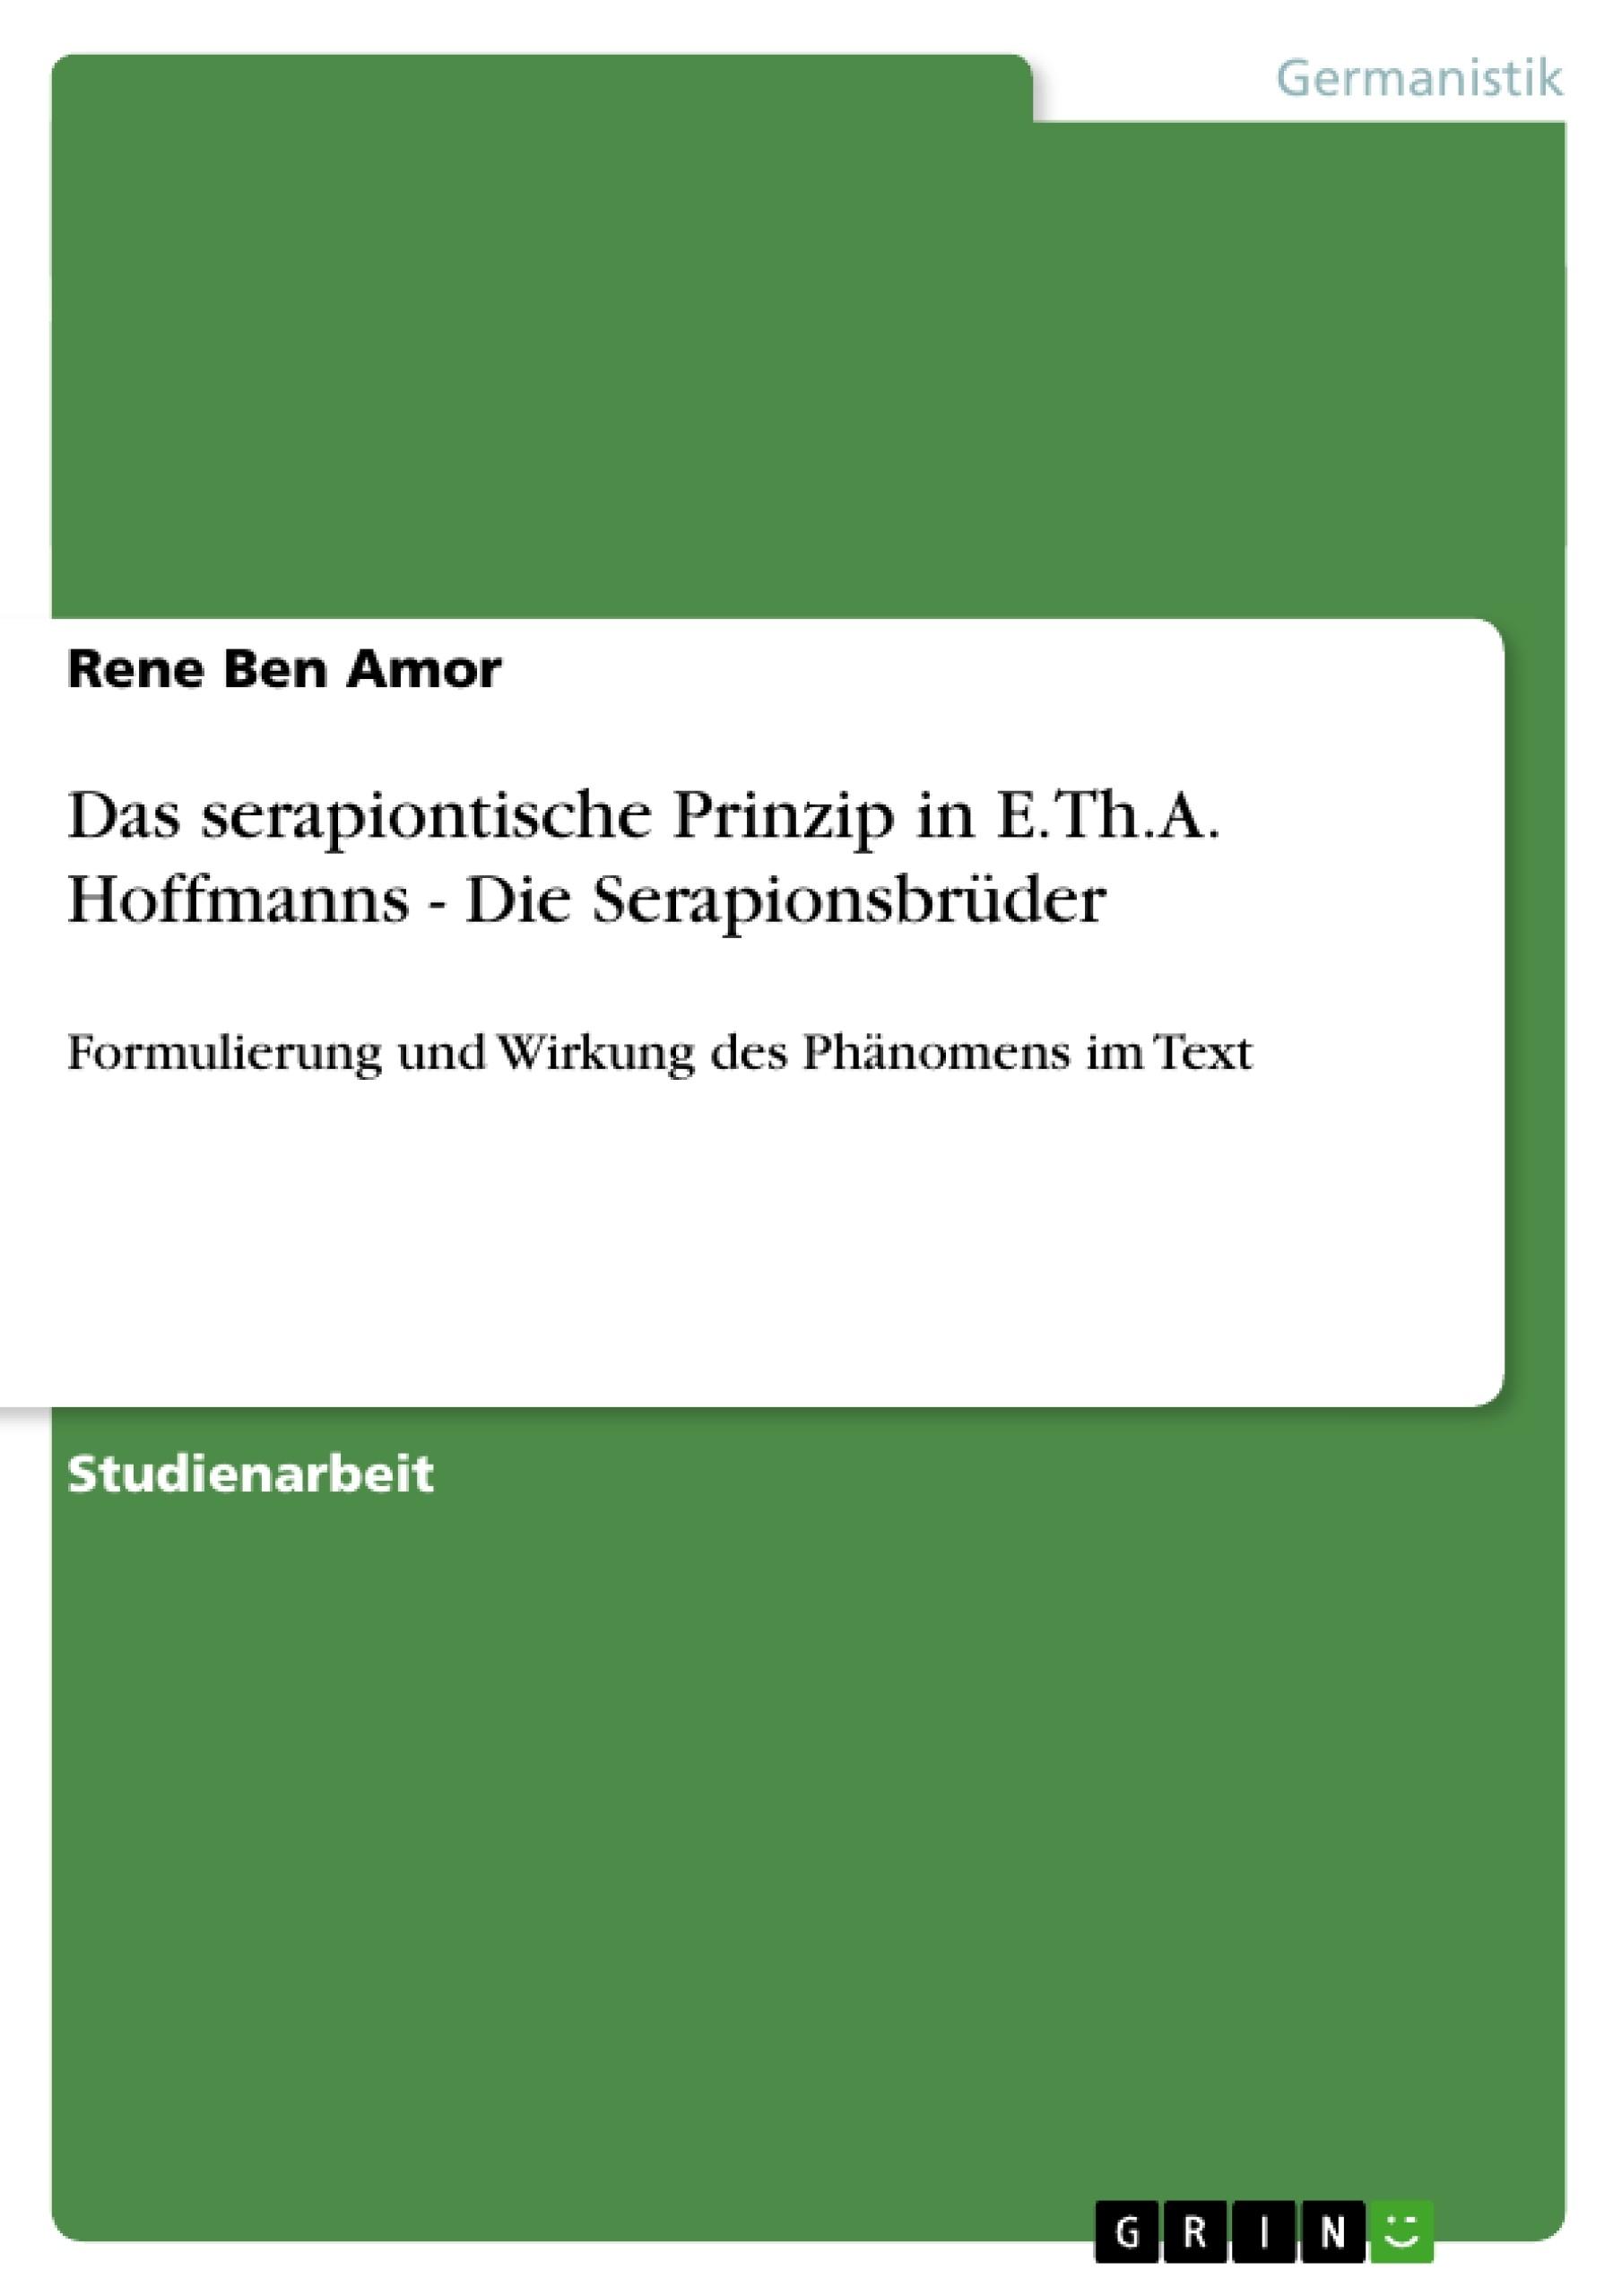 Titel: Das serapiontische Prinzip in E.Th.A. Hoffmanns - Die Serapionsbrüder